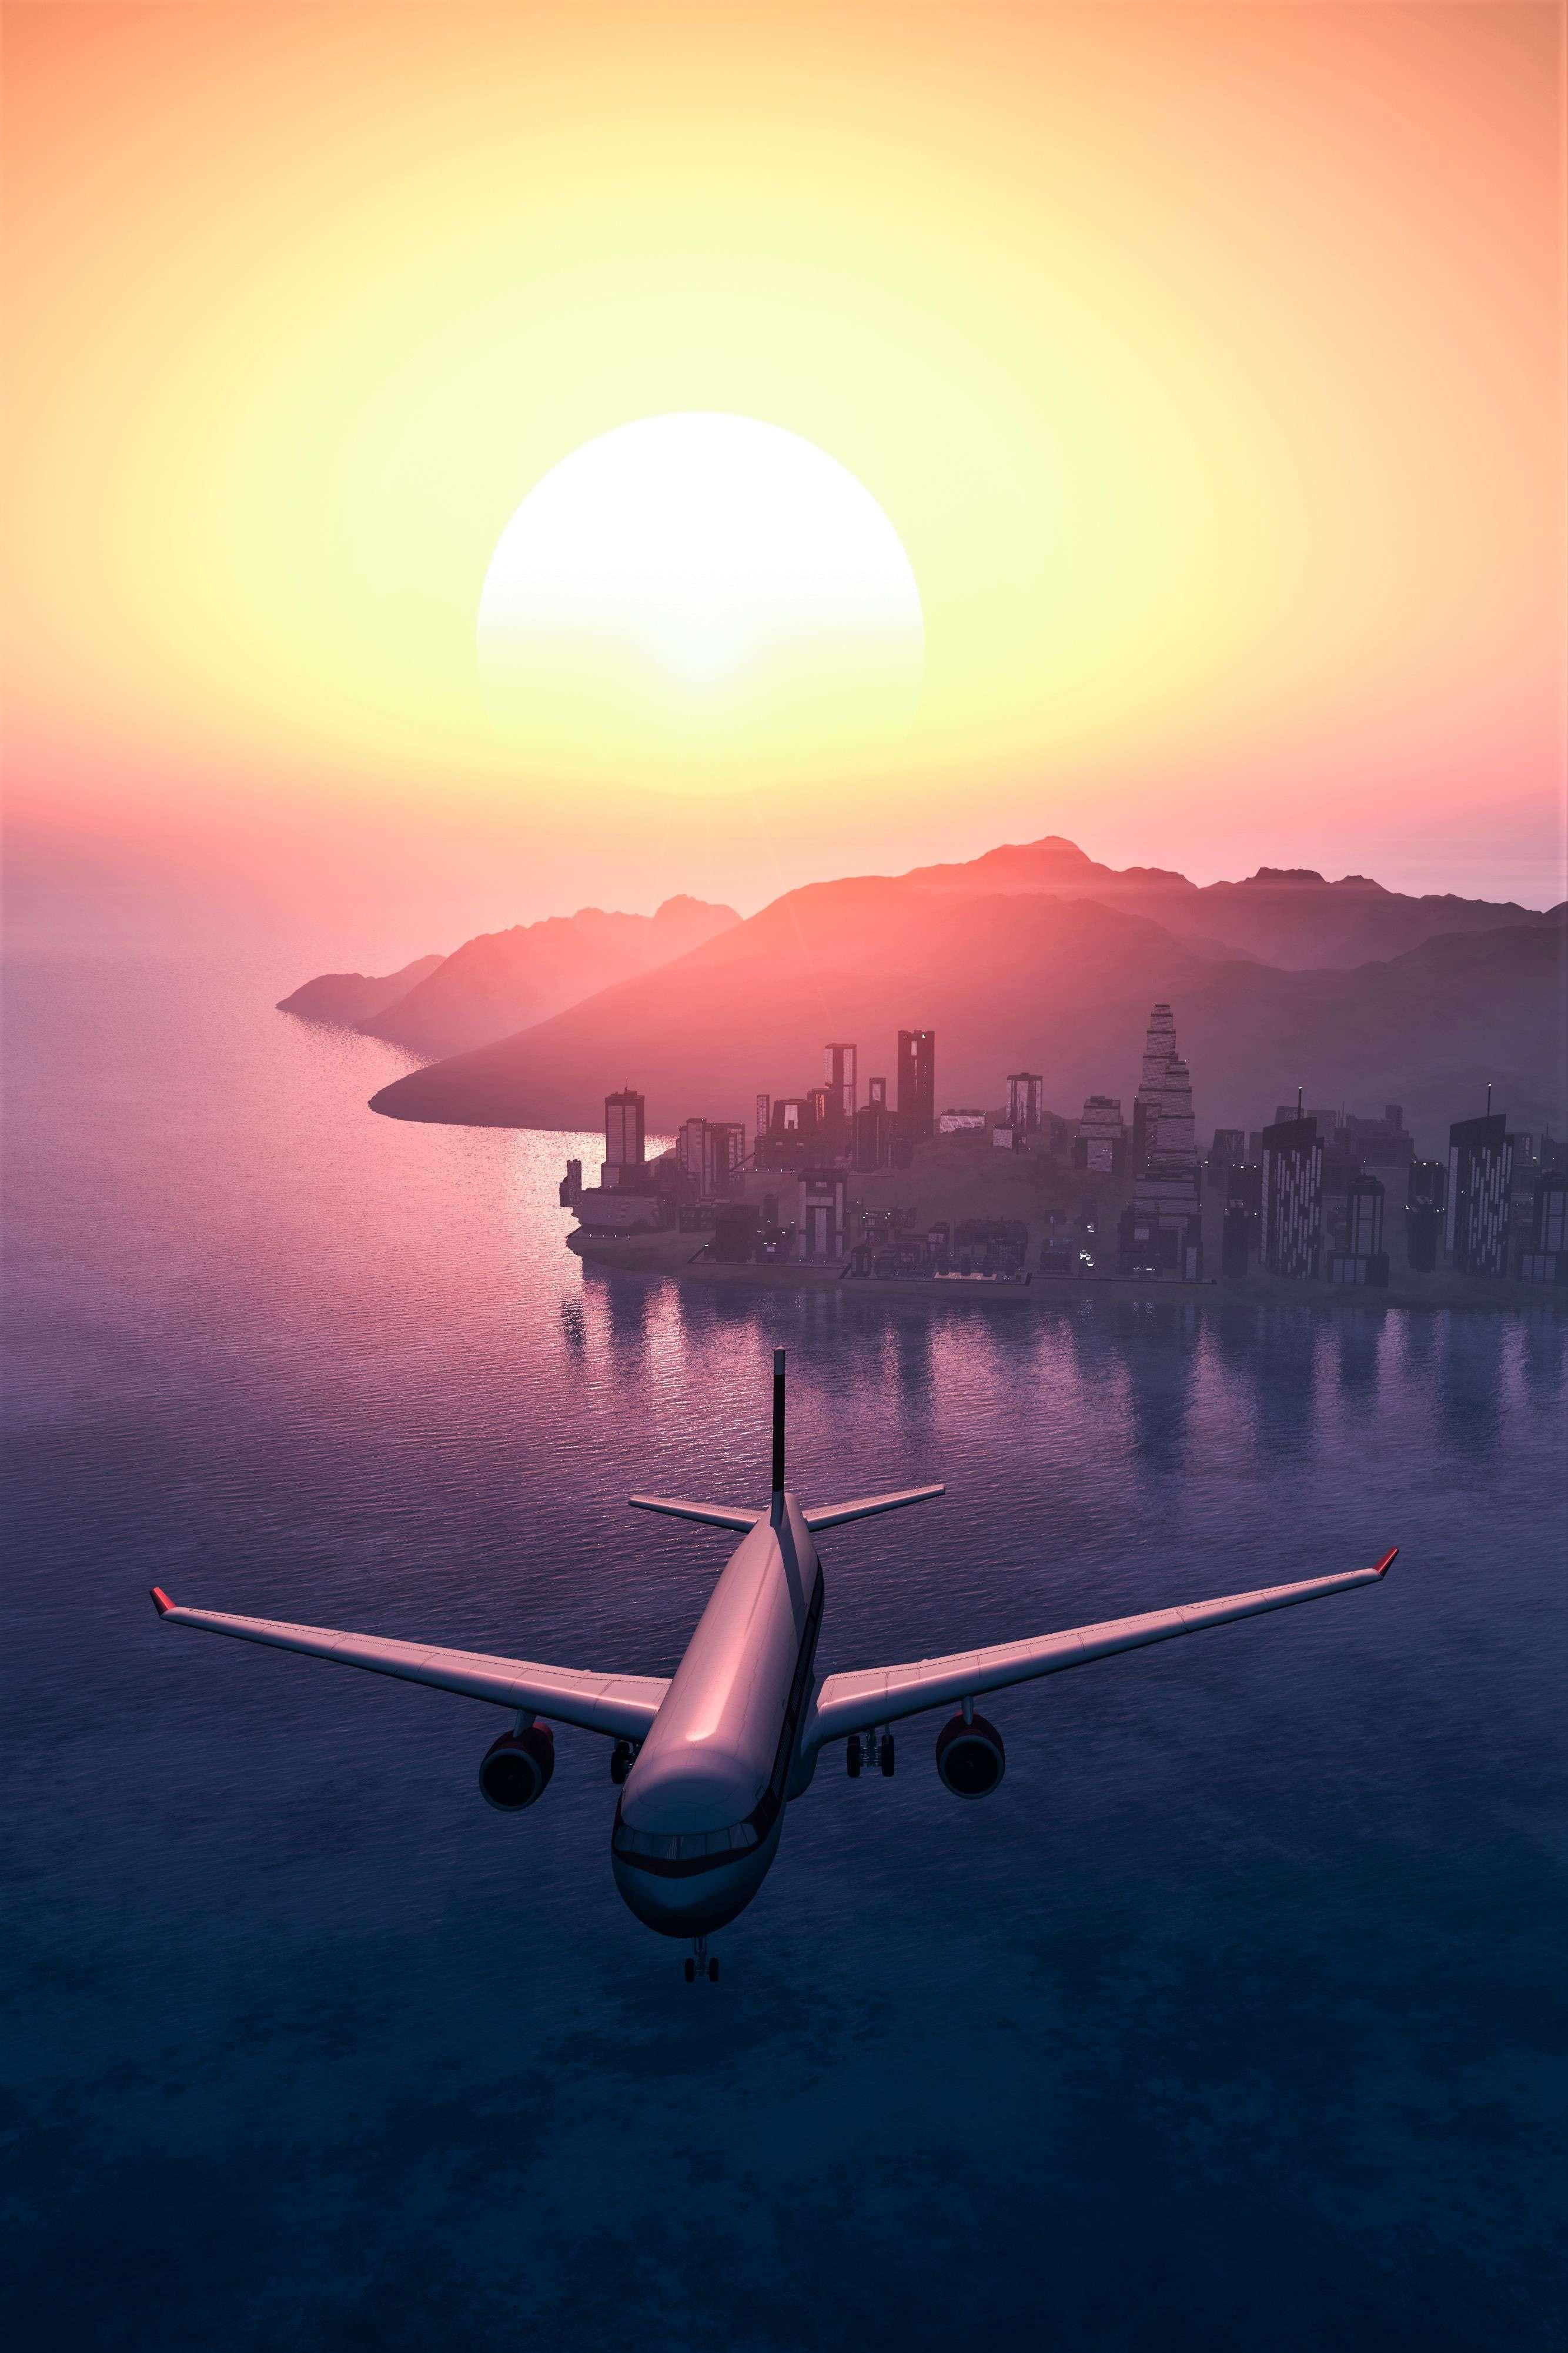 Μια αεροσυνοδός αποκαλύπτει: Ο θανάσιμος κίνδυνος που μπορεί να ρίξει ένα αεροπλάνο και δεν είχες φανταστεί ποτέ